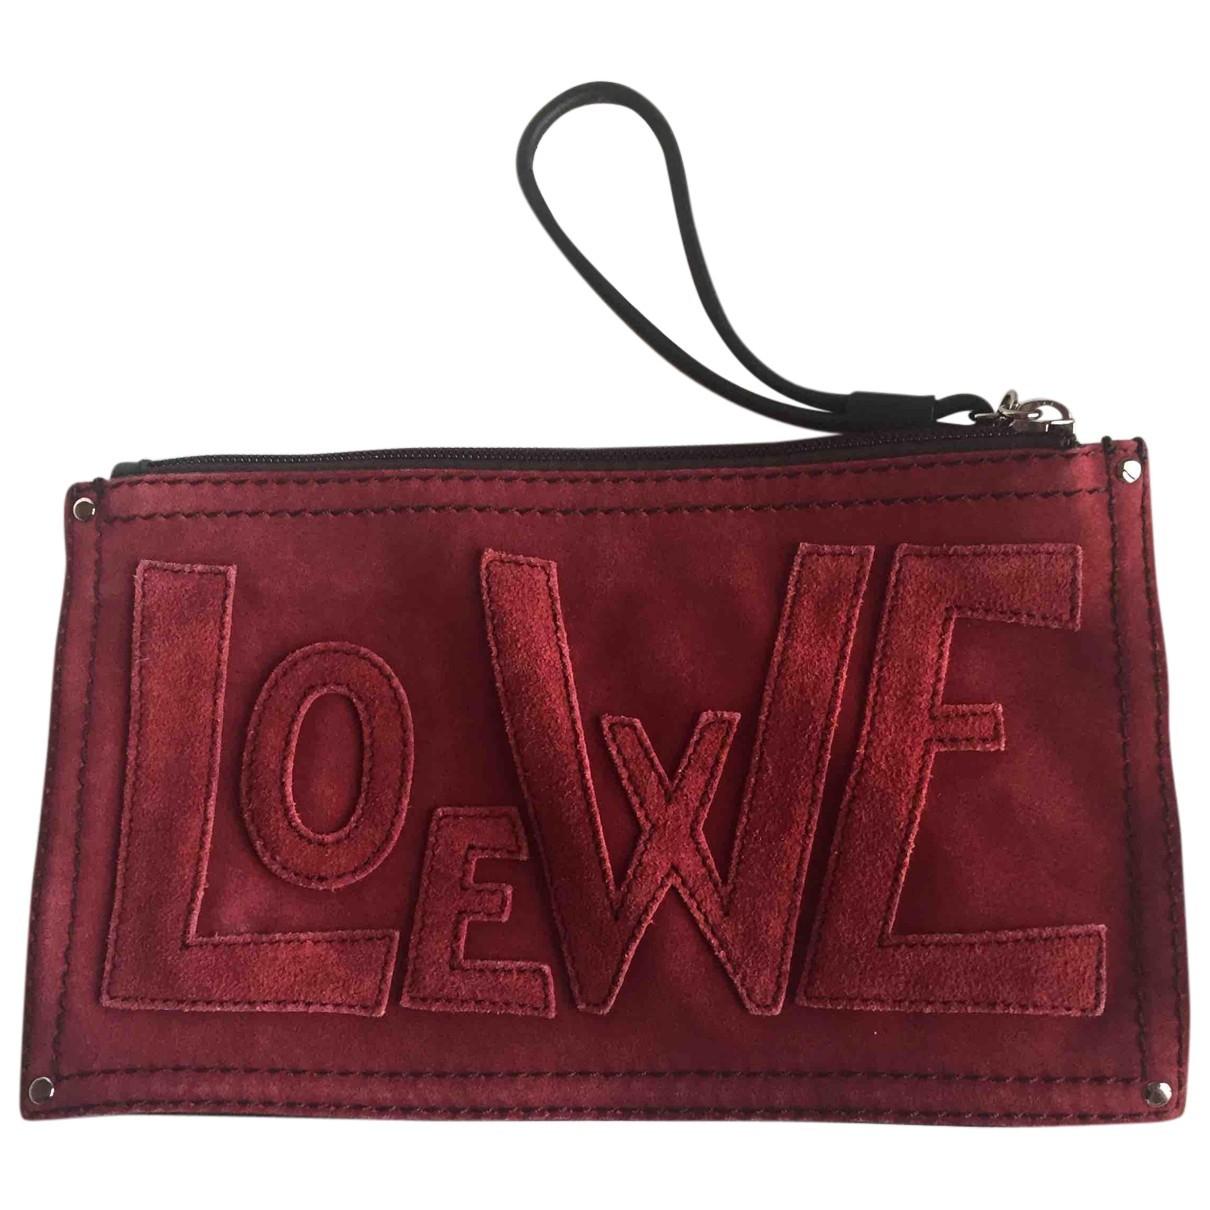 Loewe \N Clutch in  Bordeauxrot Leder